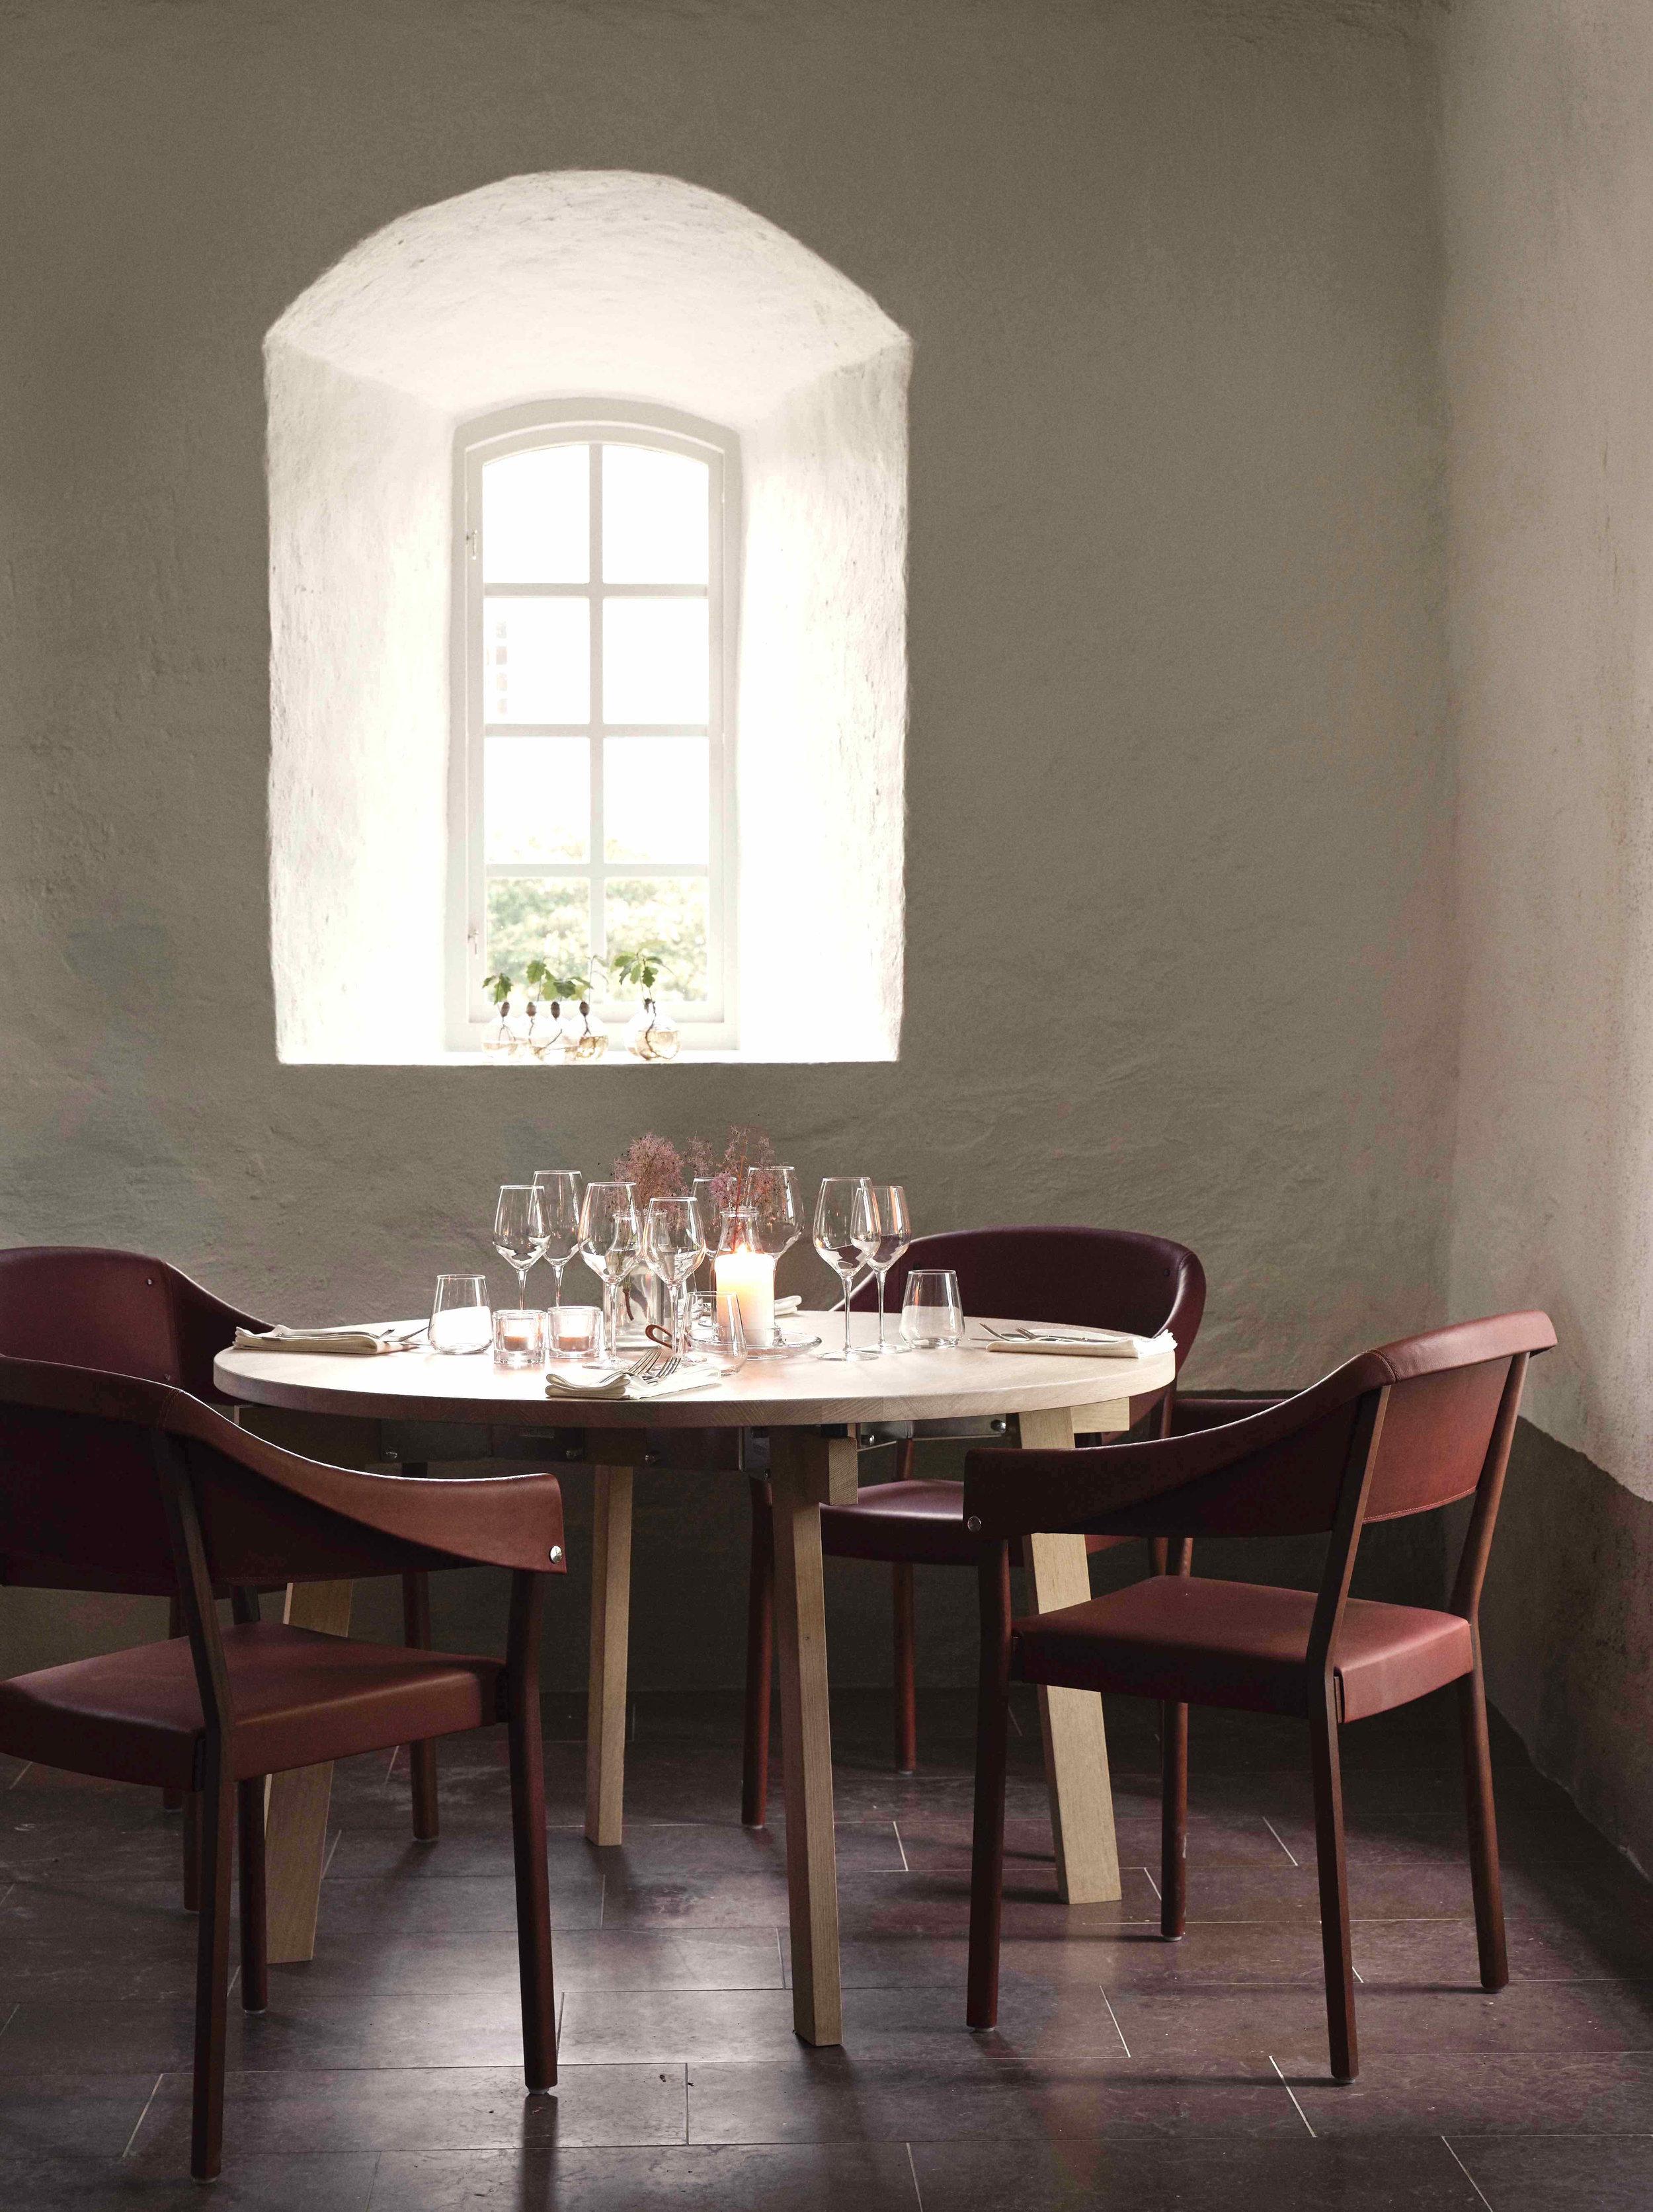 Restaurant_mardinger749.jpg